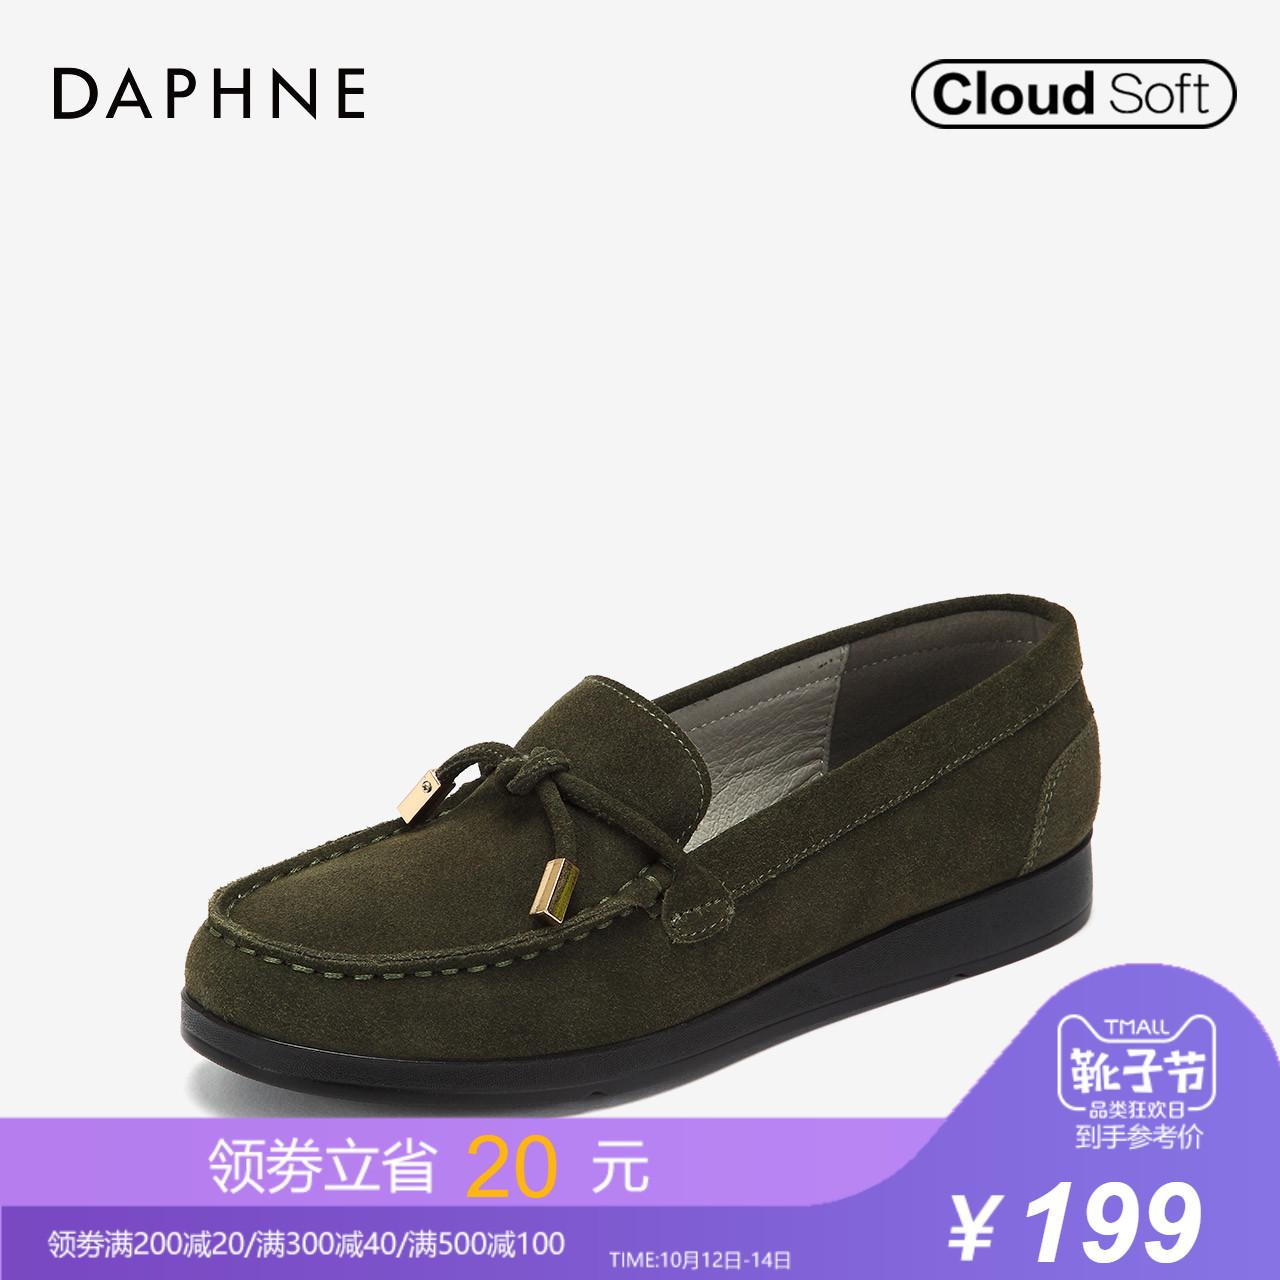 Daphne-达芙妮2018秋新款牛反绒简约乐福鞋时尚蝴蝶结平底单鞋女